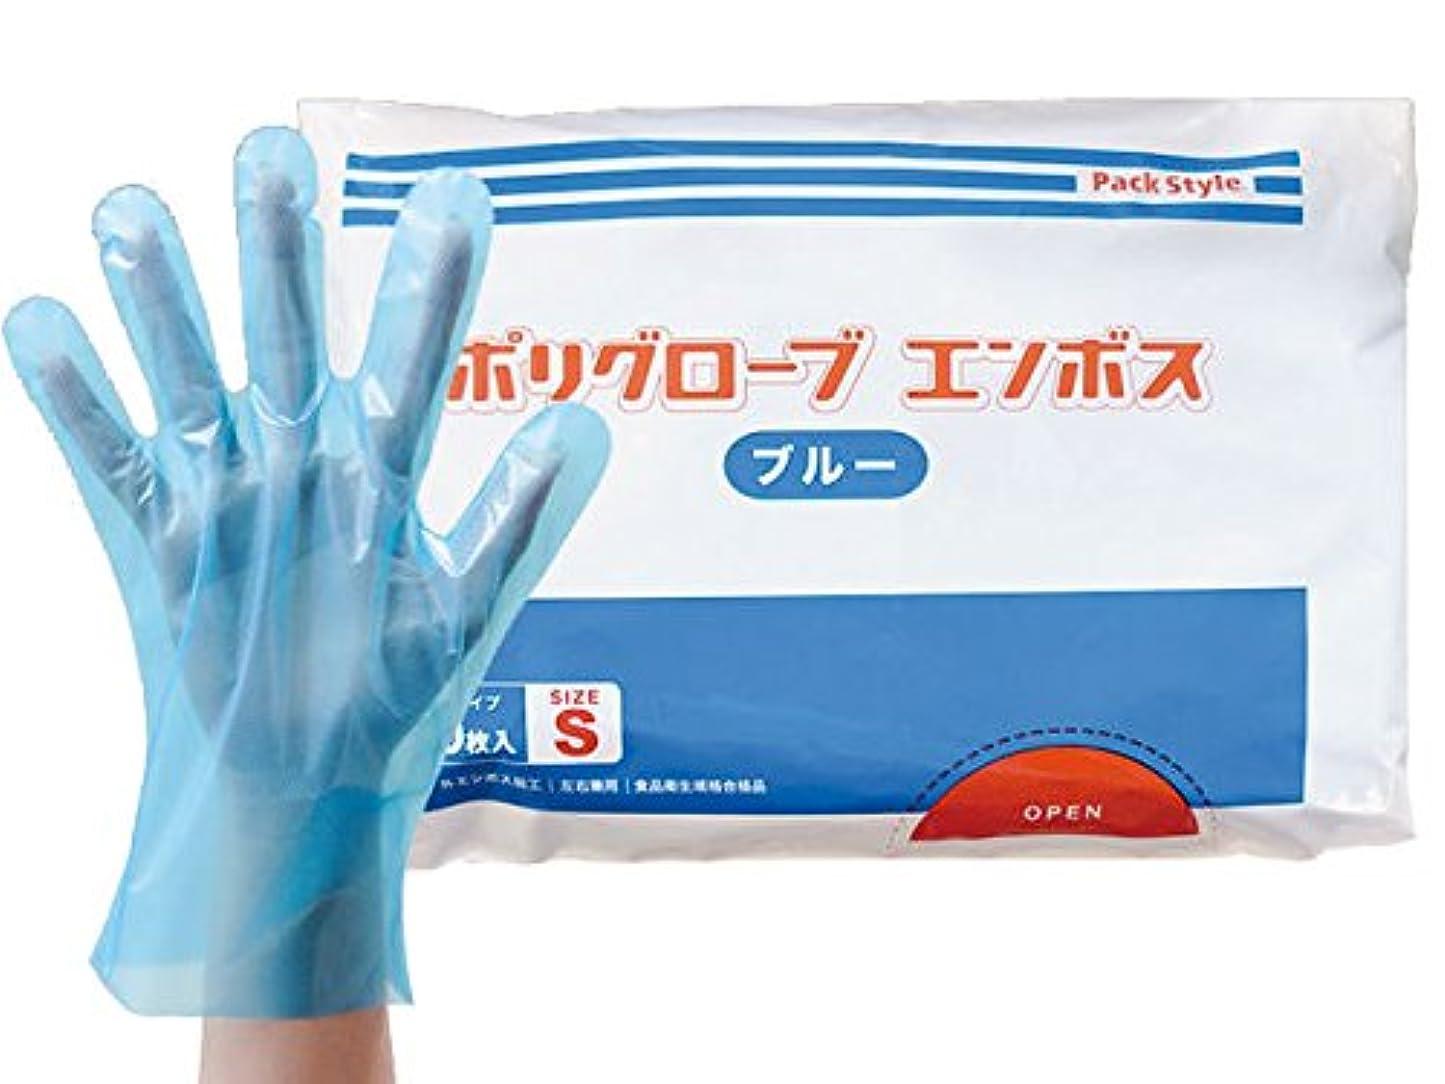 プランテーションロボット支援するパックスタイル 使い捨て ポリ手袋 ブルー 袋入 SS 6000枚 00437324